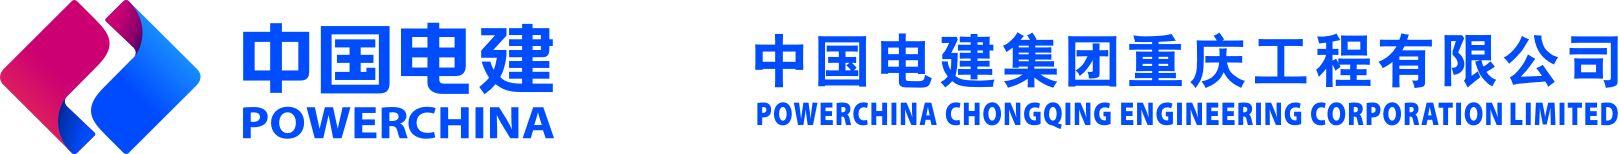 重庆电力建设总公司_联英人才网_hrm.cn